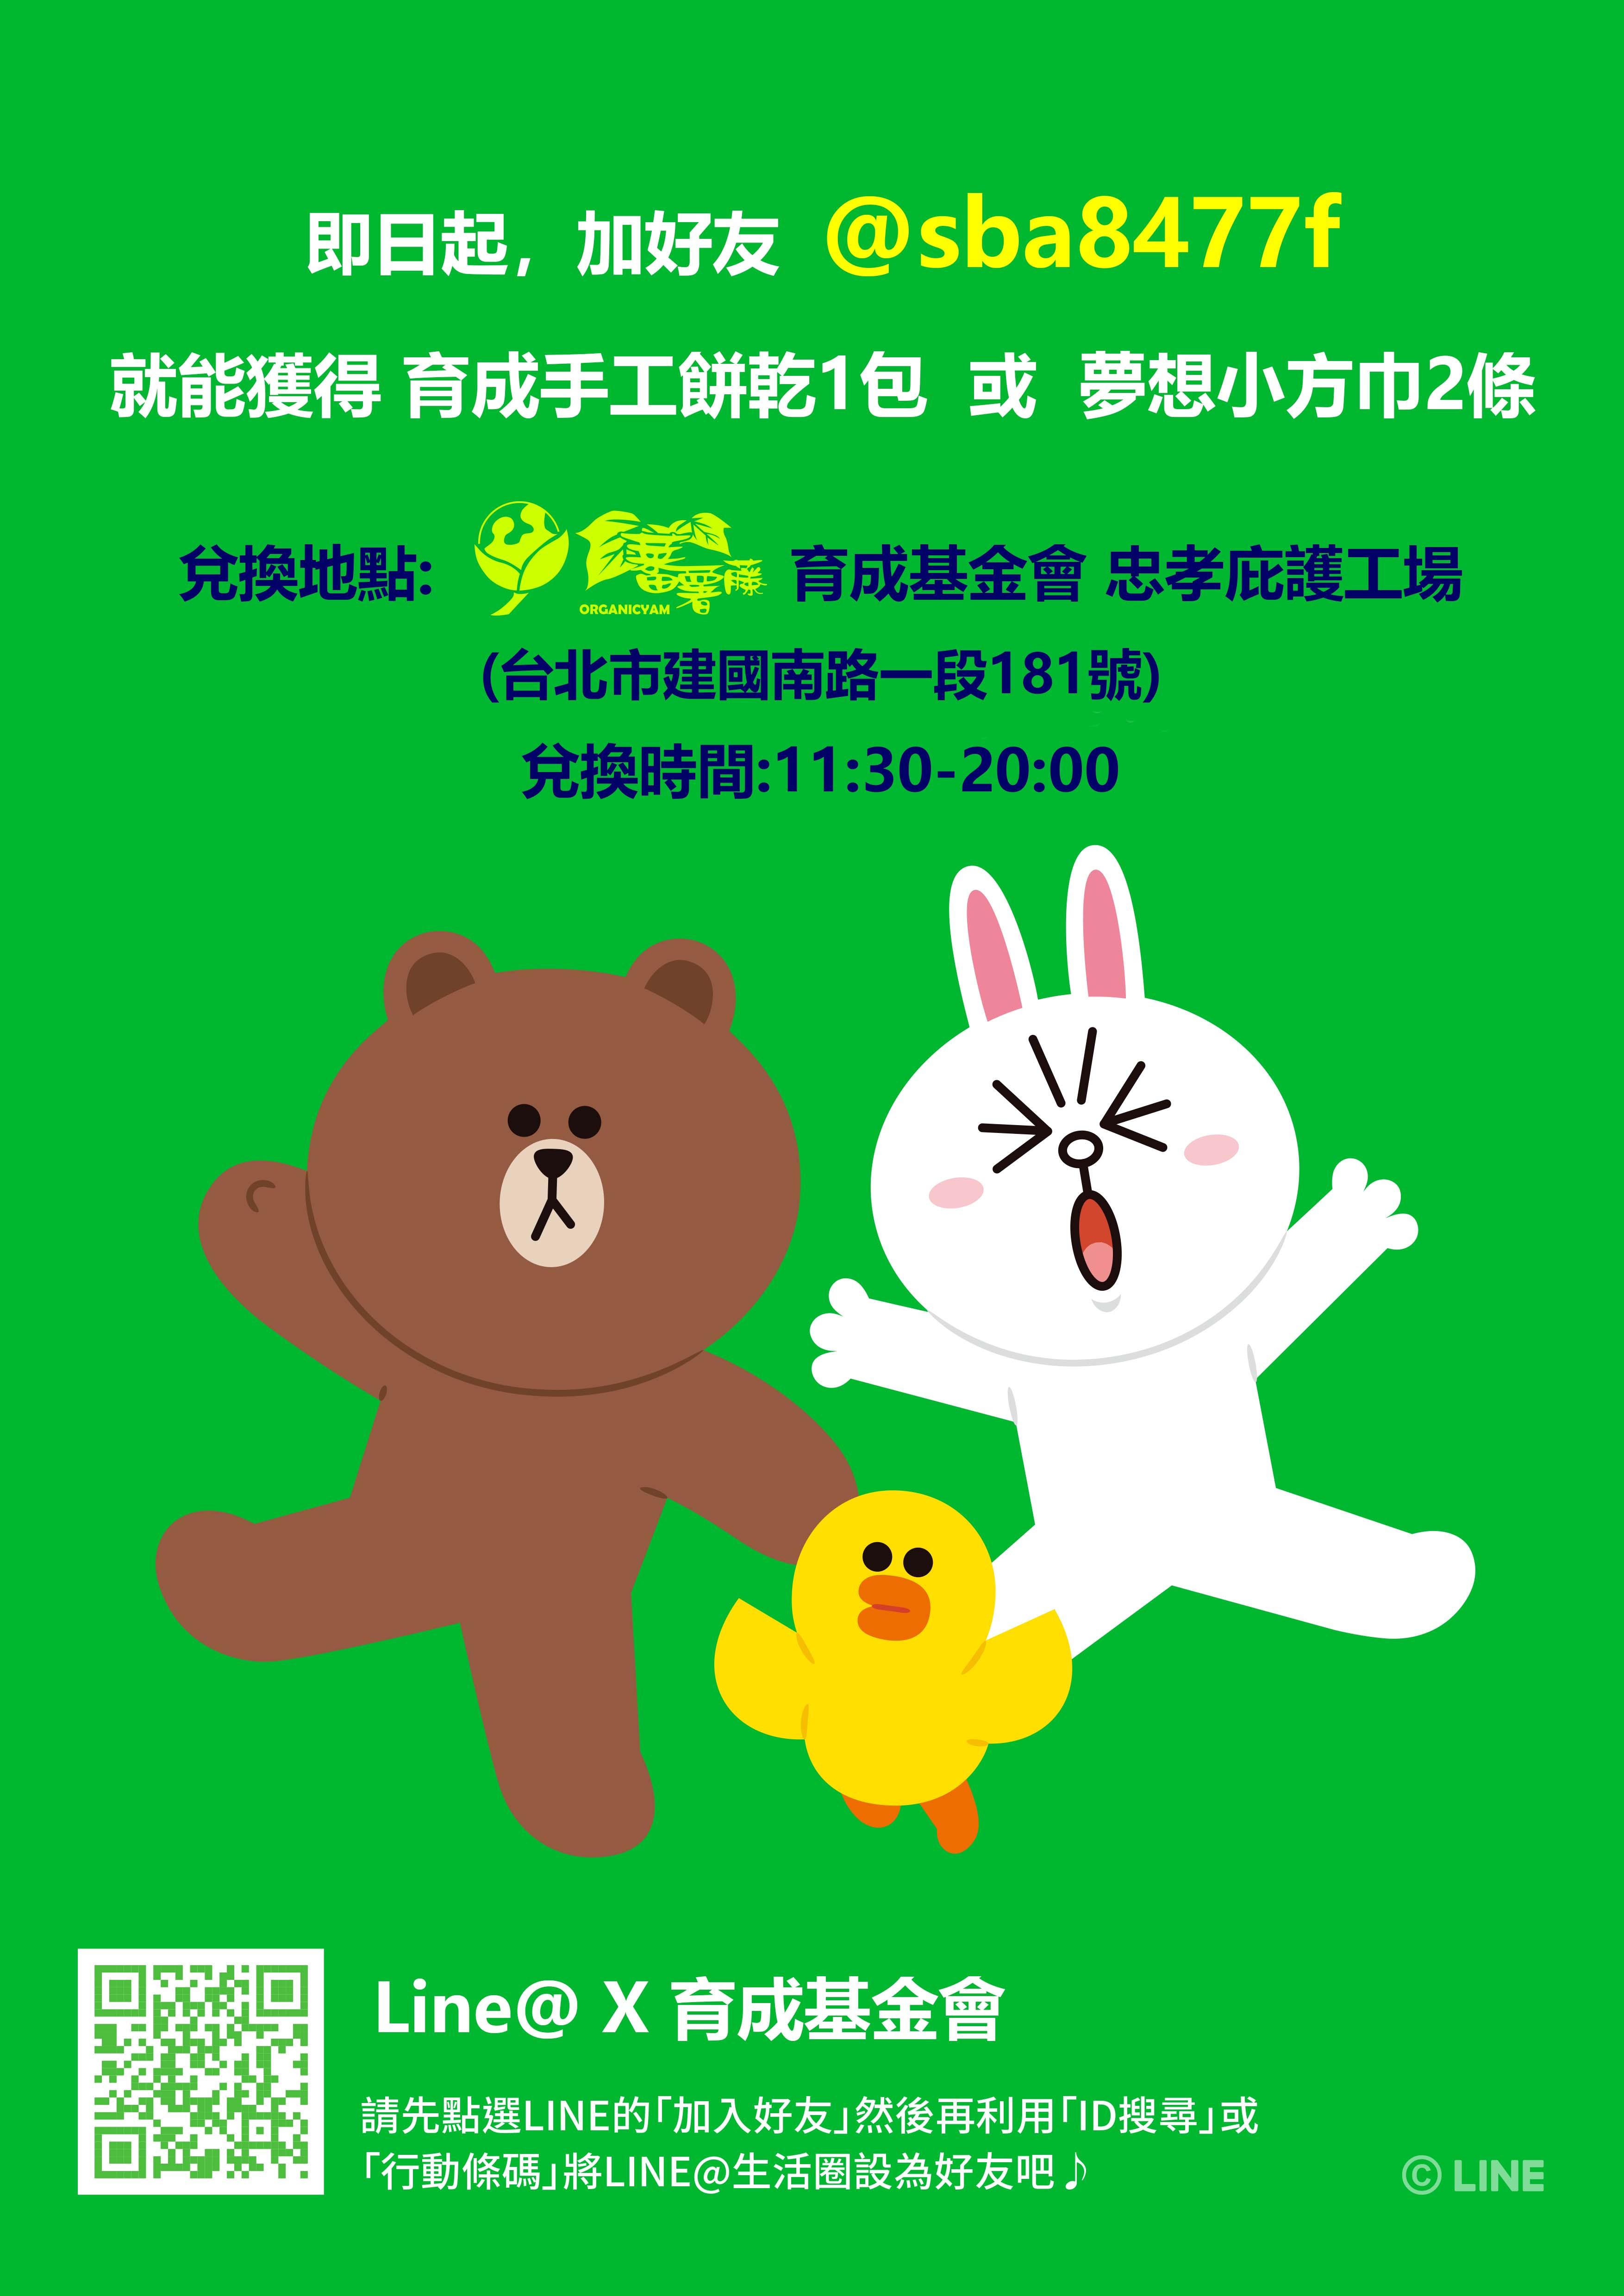 【line@活動】即日起,加入育成好友 好禮二選一 代表圖